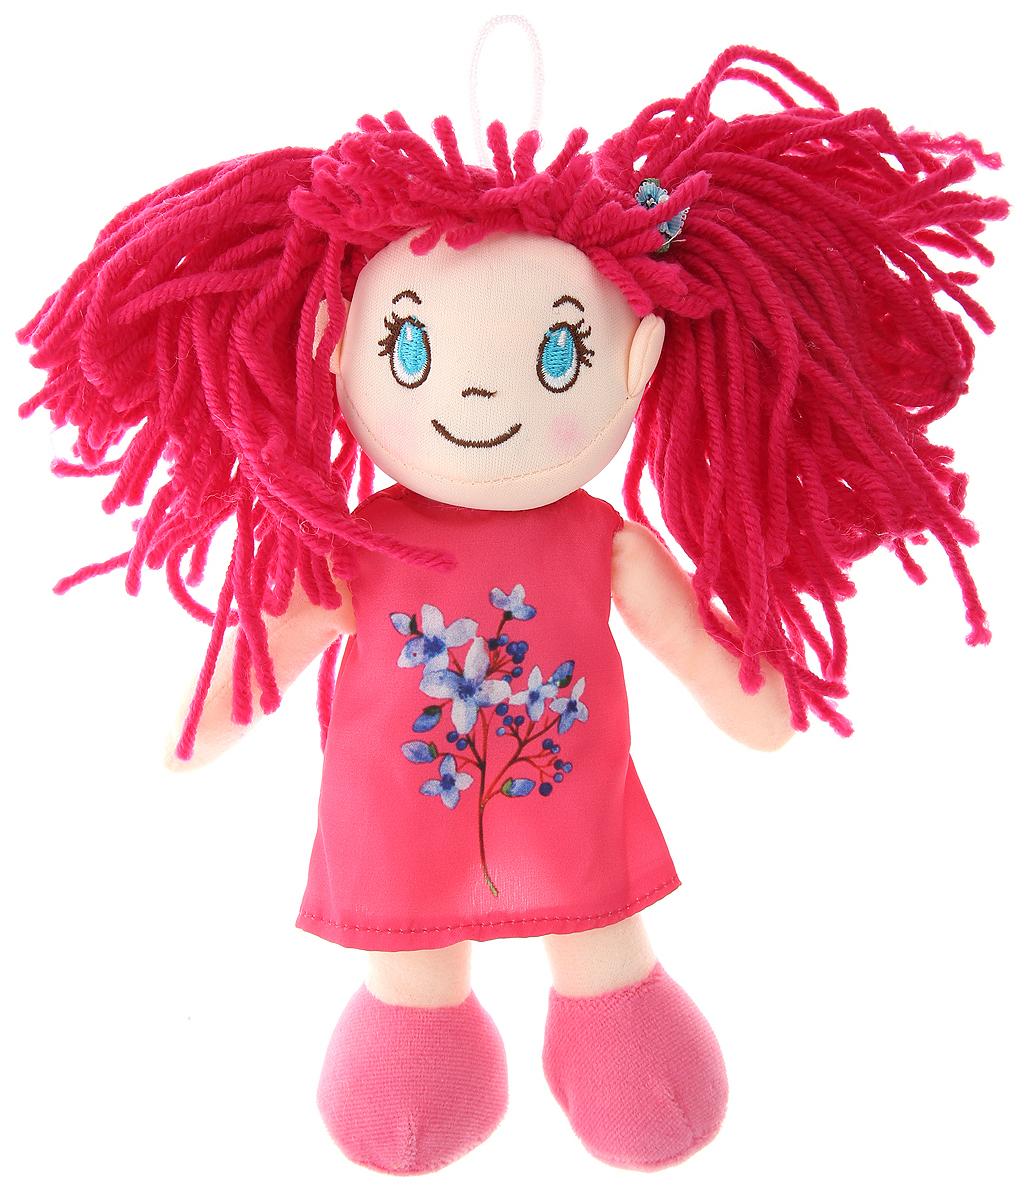 Купить Кукла мягконабивная, 20 см (в малиновом платье), ABtoys, Классические куклы